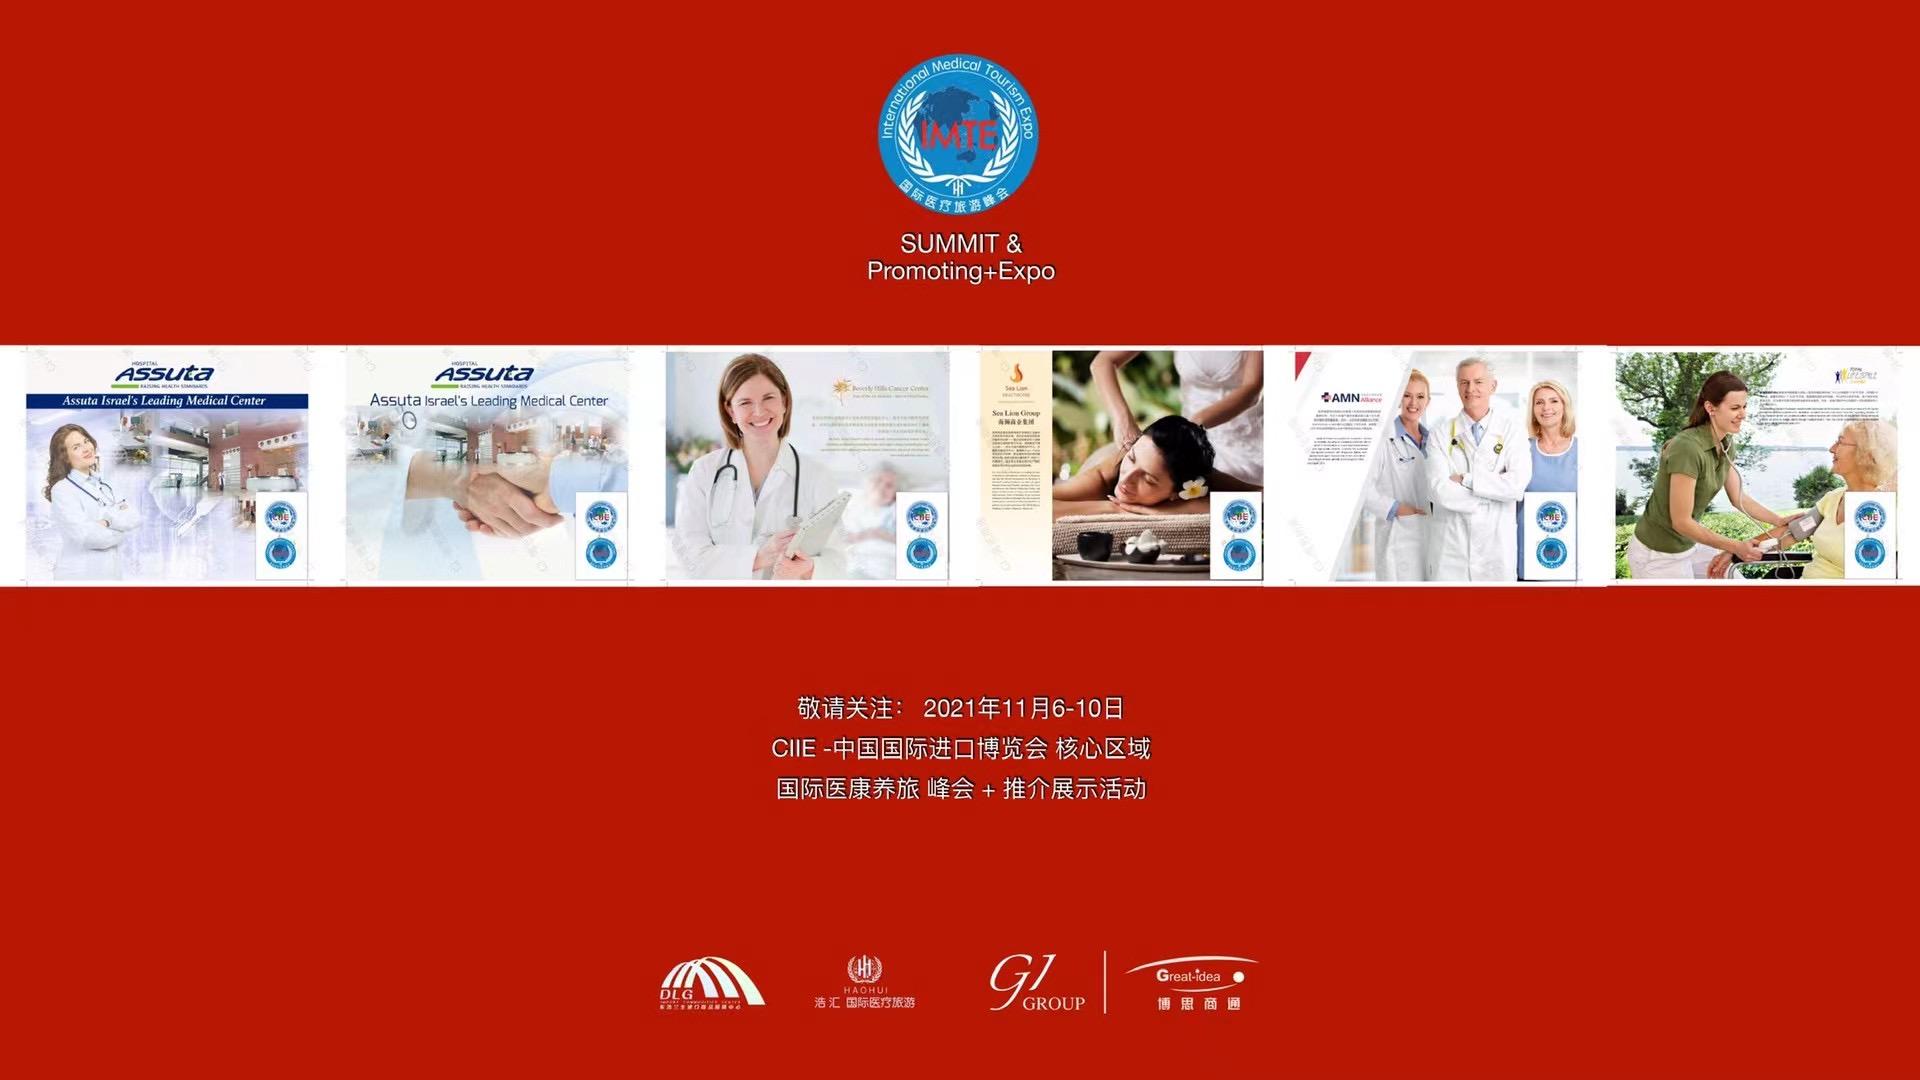 2021中国国际进口博览会国际医疗旅游领袖峰会+展览展示_门票优惠_活动家官网报名